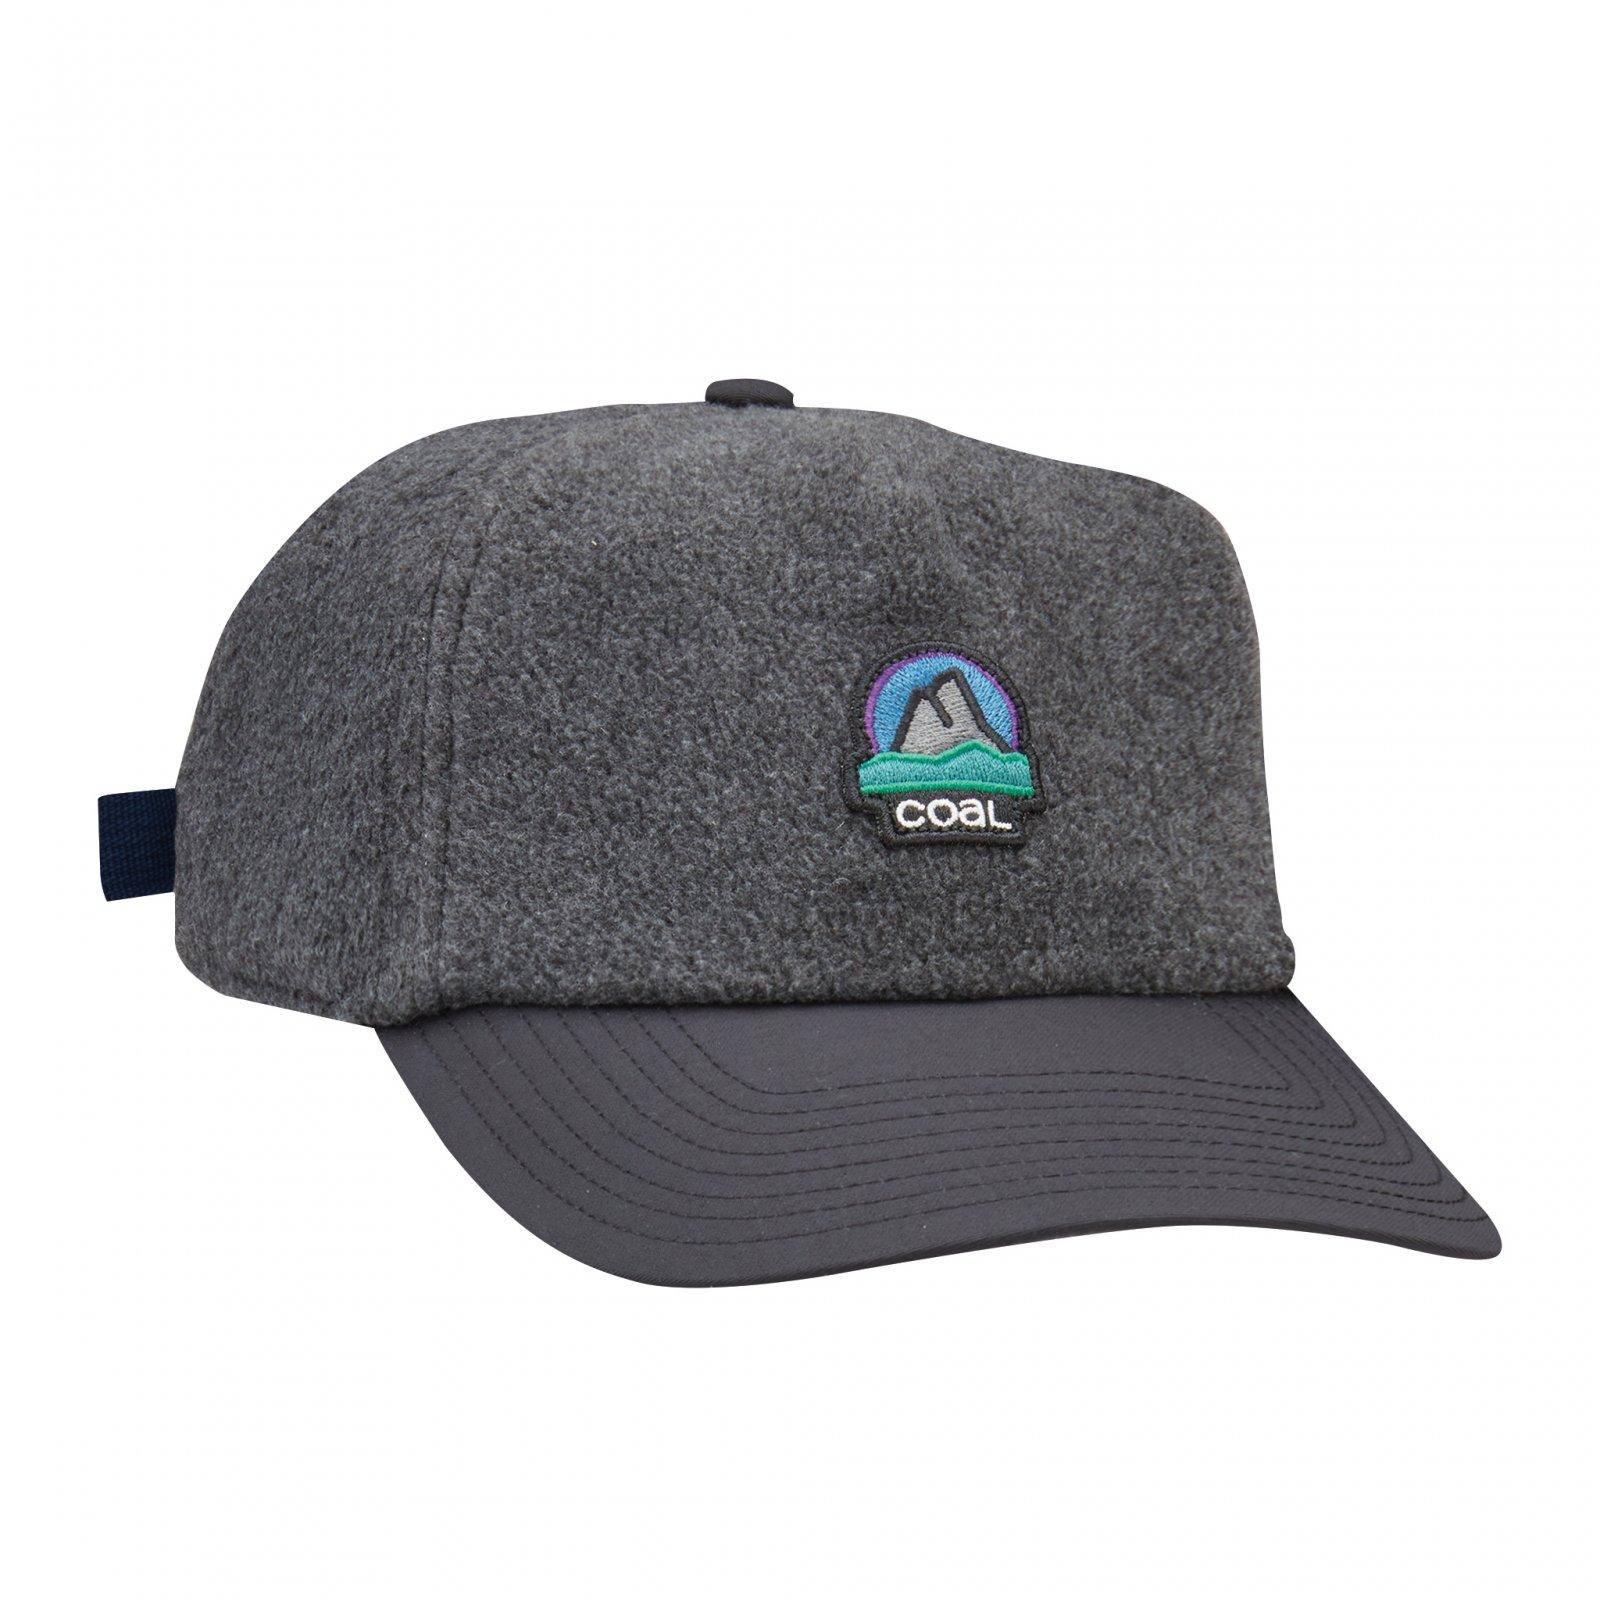 Coal North Cap (Multiple Color Options)